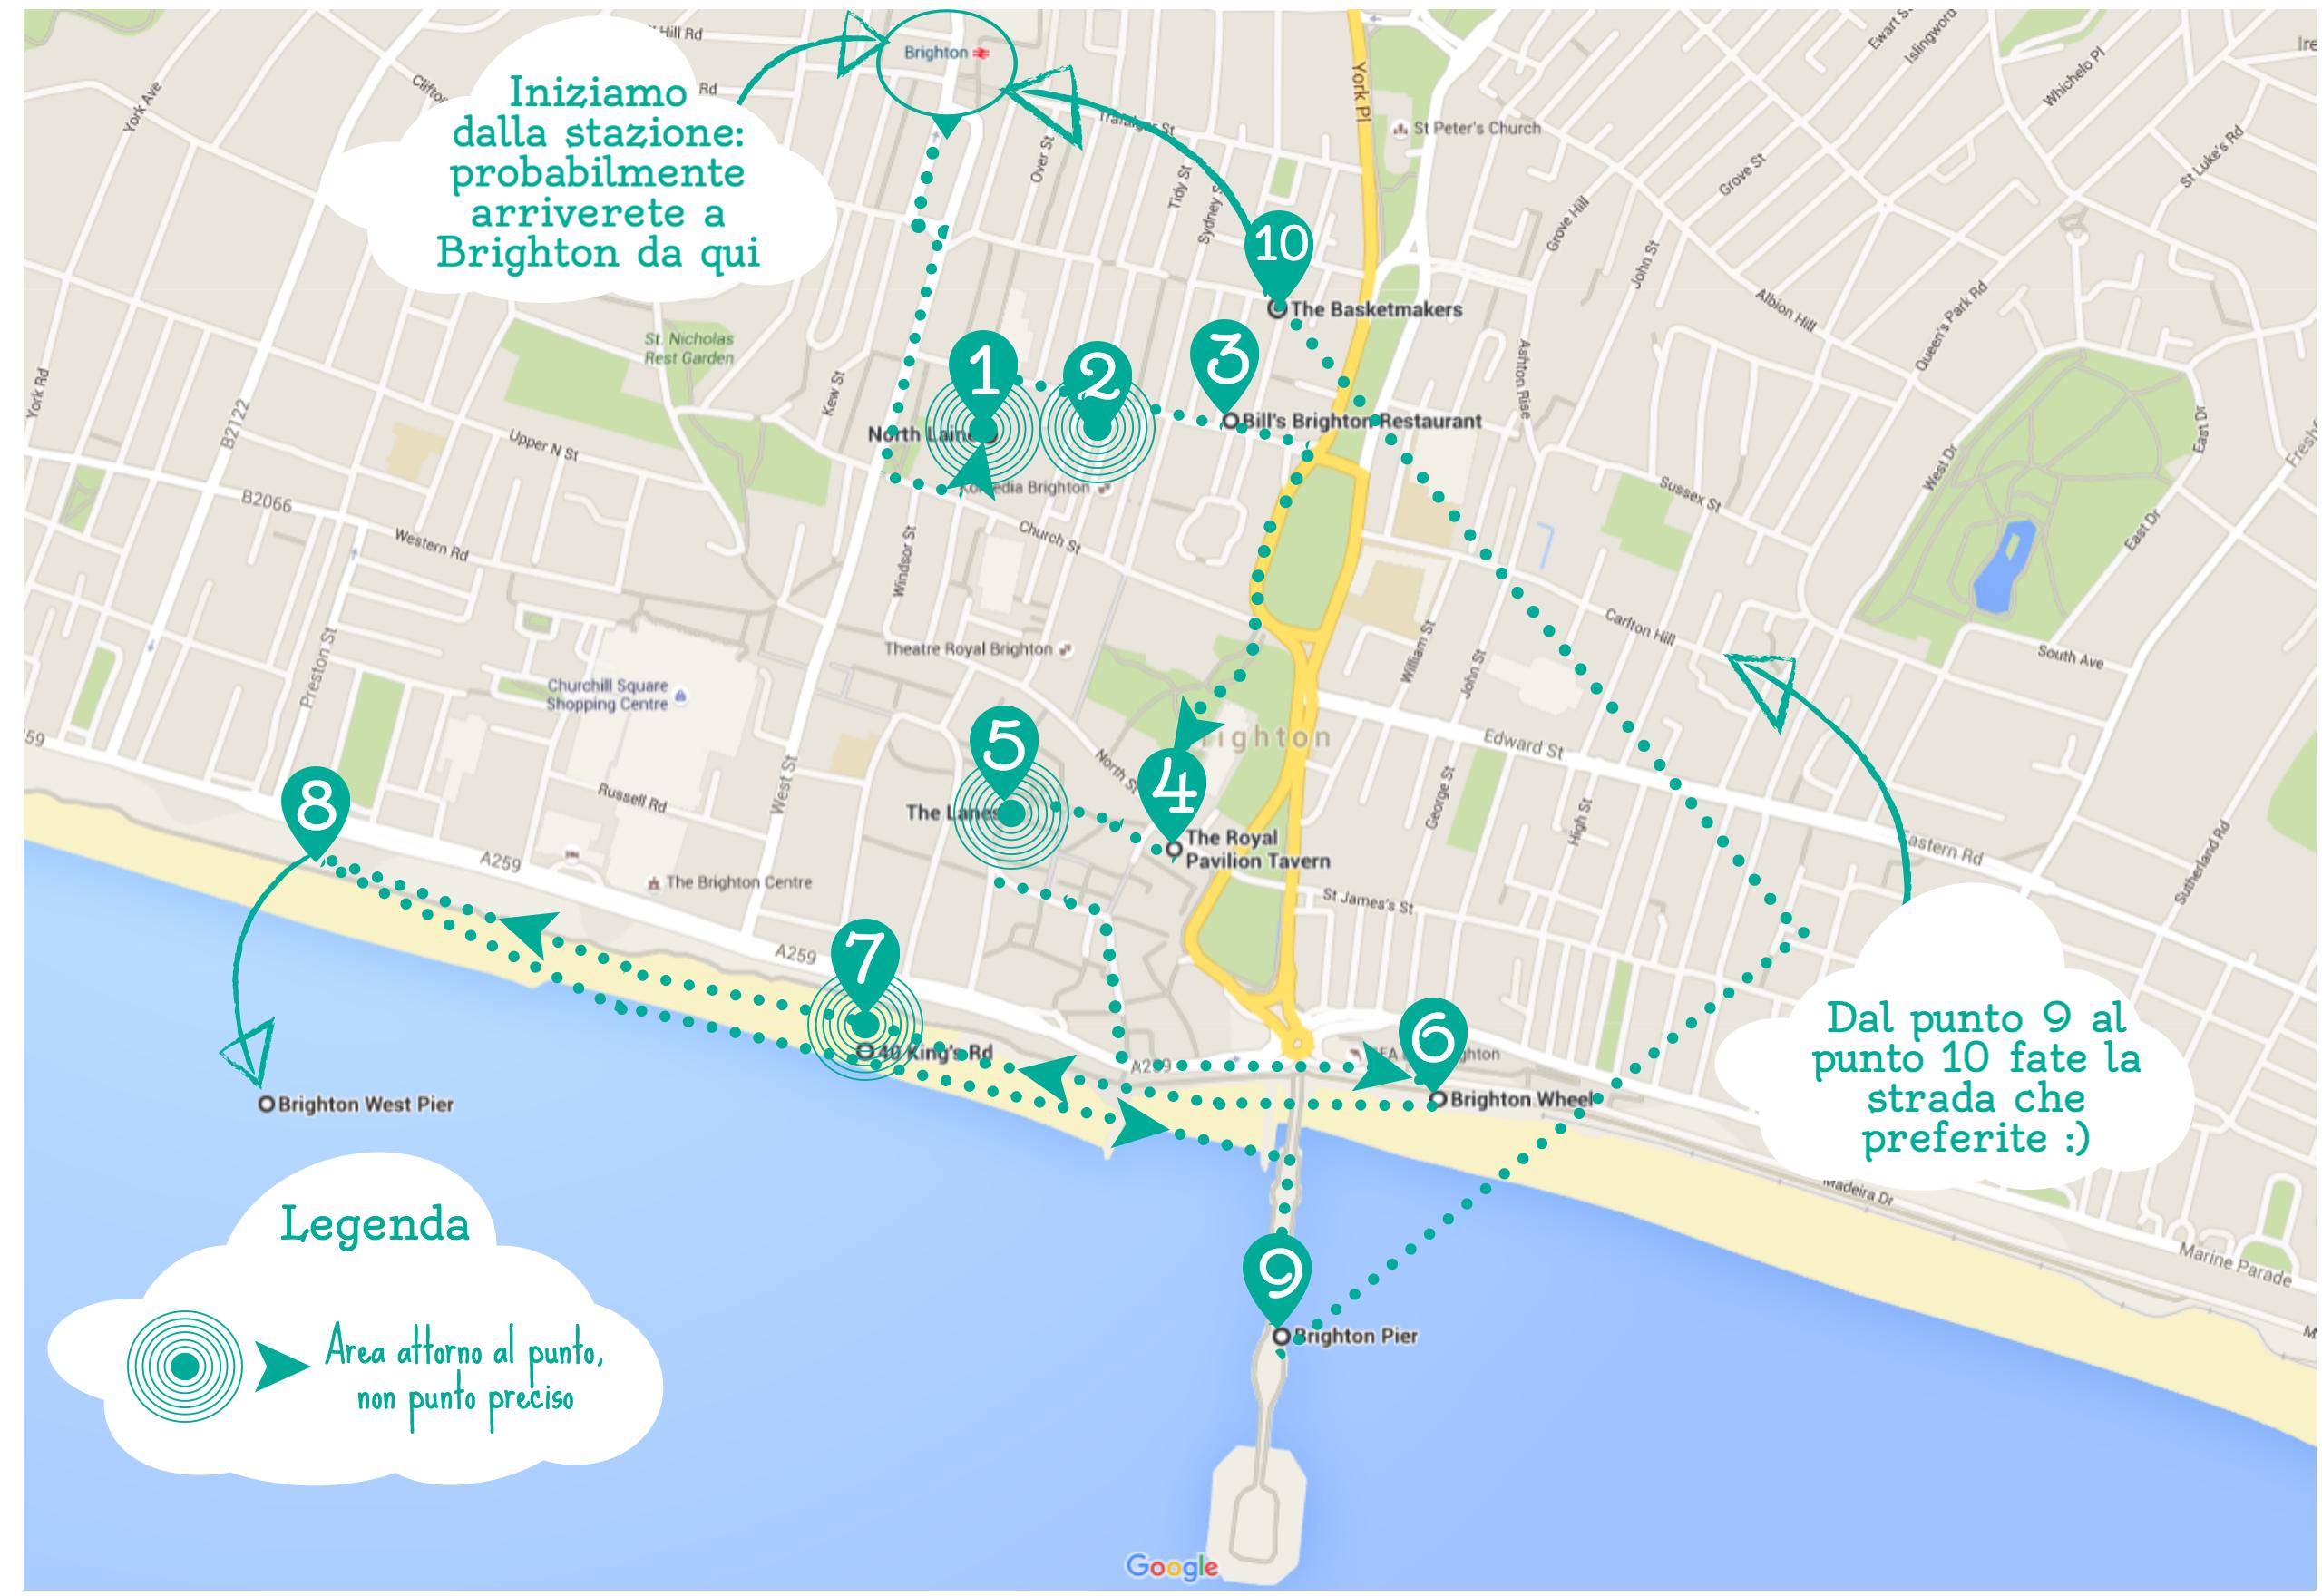 10 cose da vedere e fare a Brighton in una giornata - itinerario a piedi di Brighton